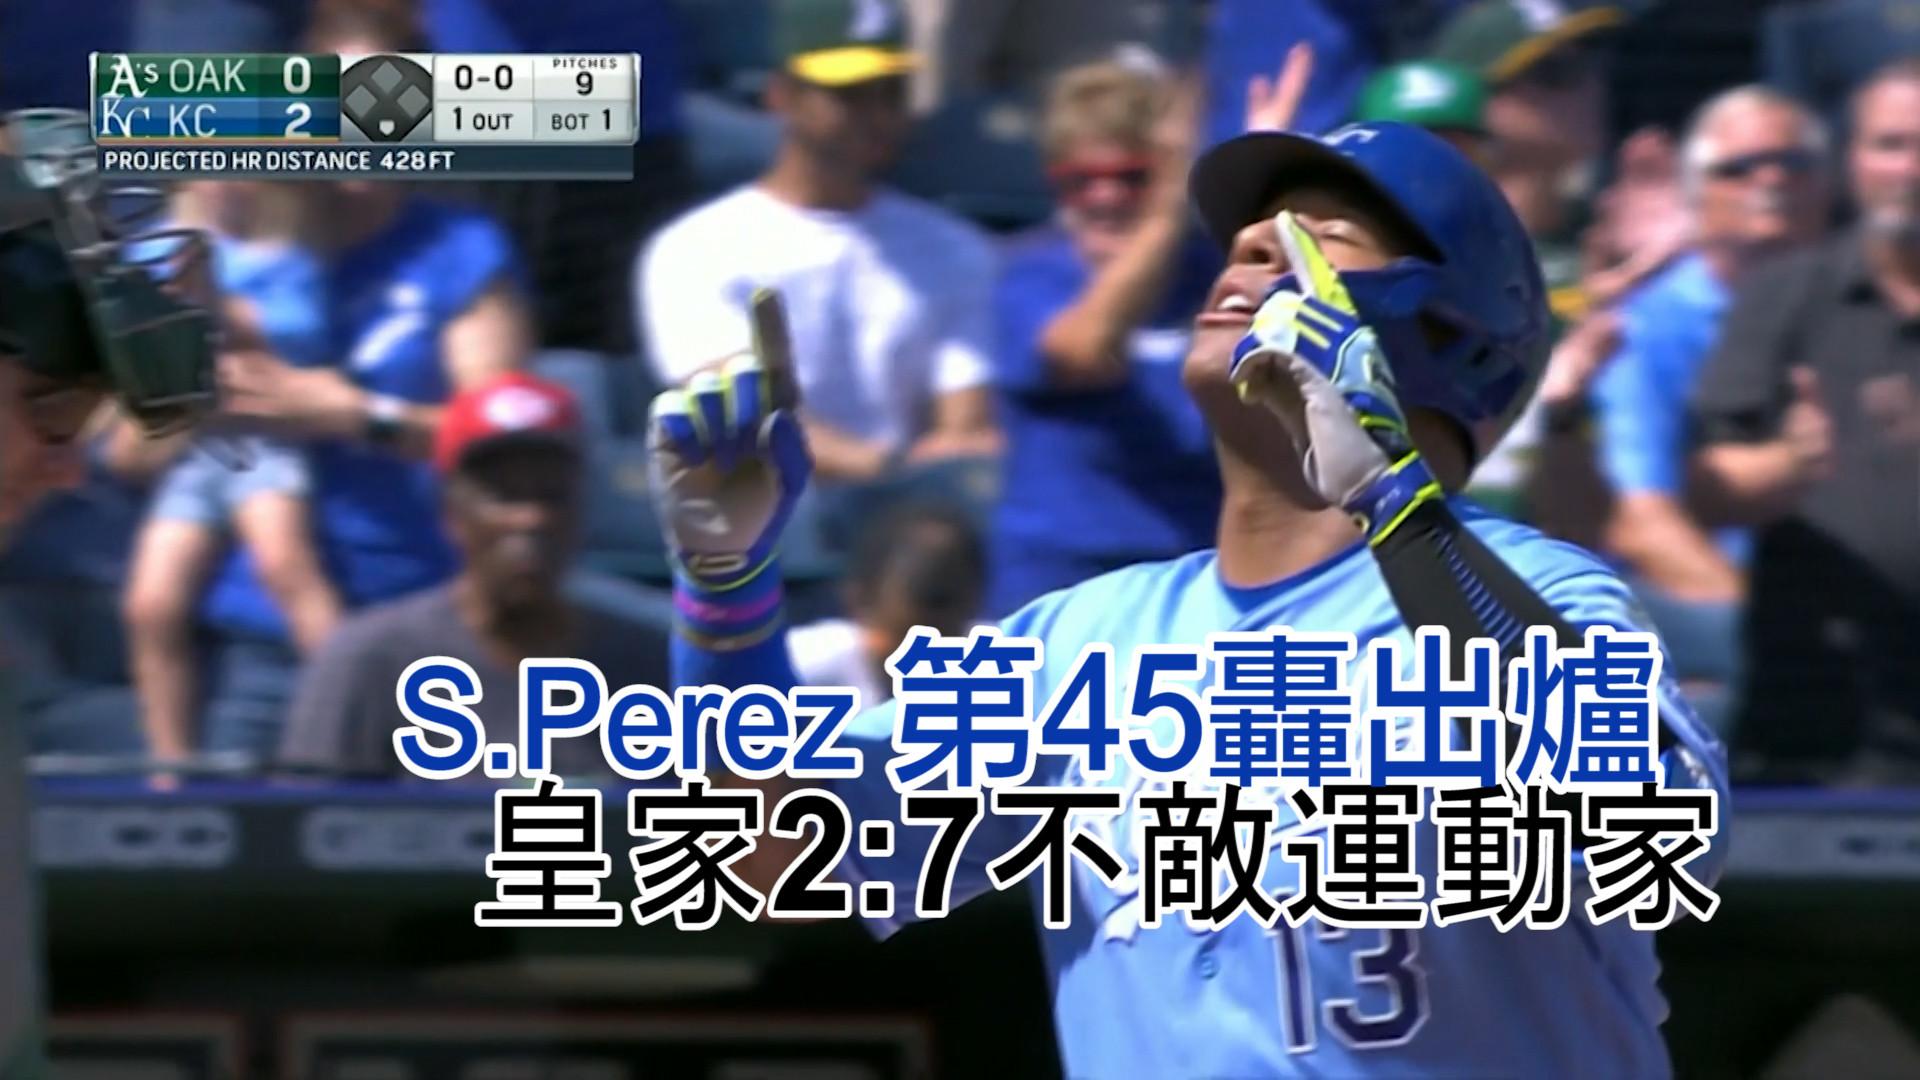 【MLB看愛爾達】裴瑞茲第45轟出爐 皇家2:7輸球 9/17